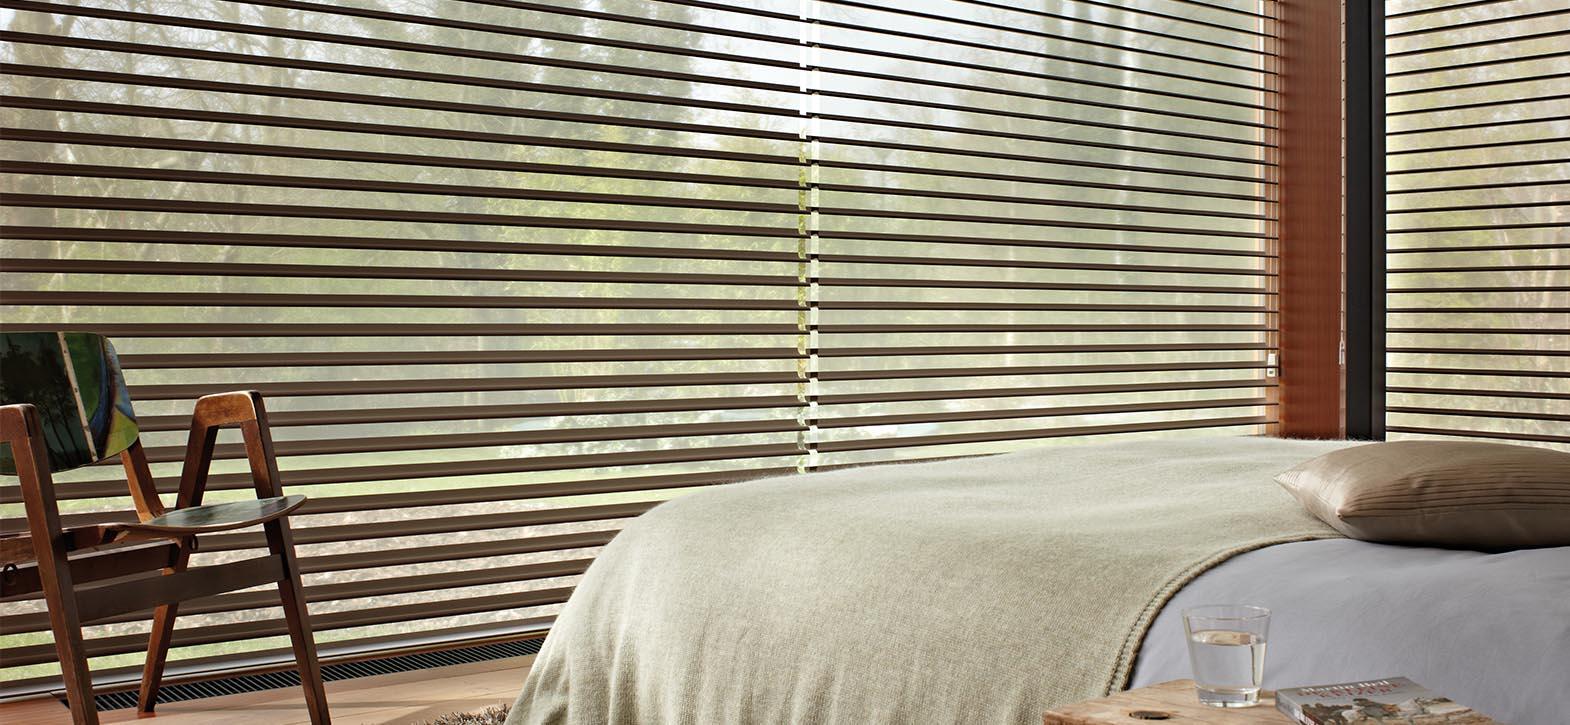 Luxaflex Plissee Onlineshop. Stunning Luxaflex Powerview Slimme Op ...